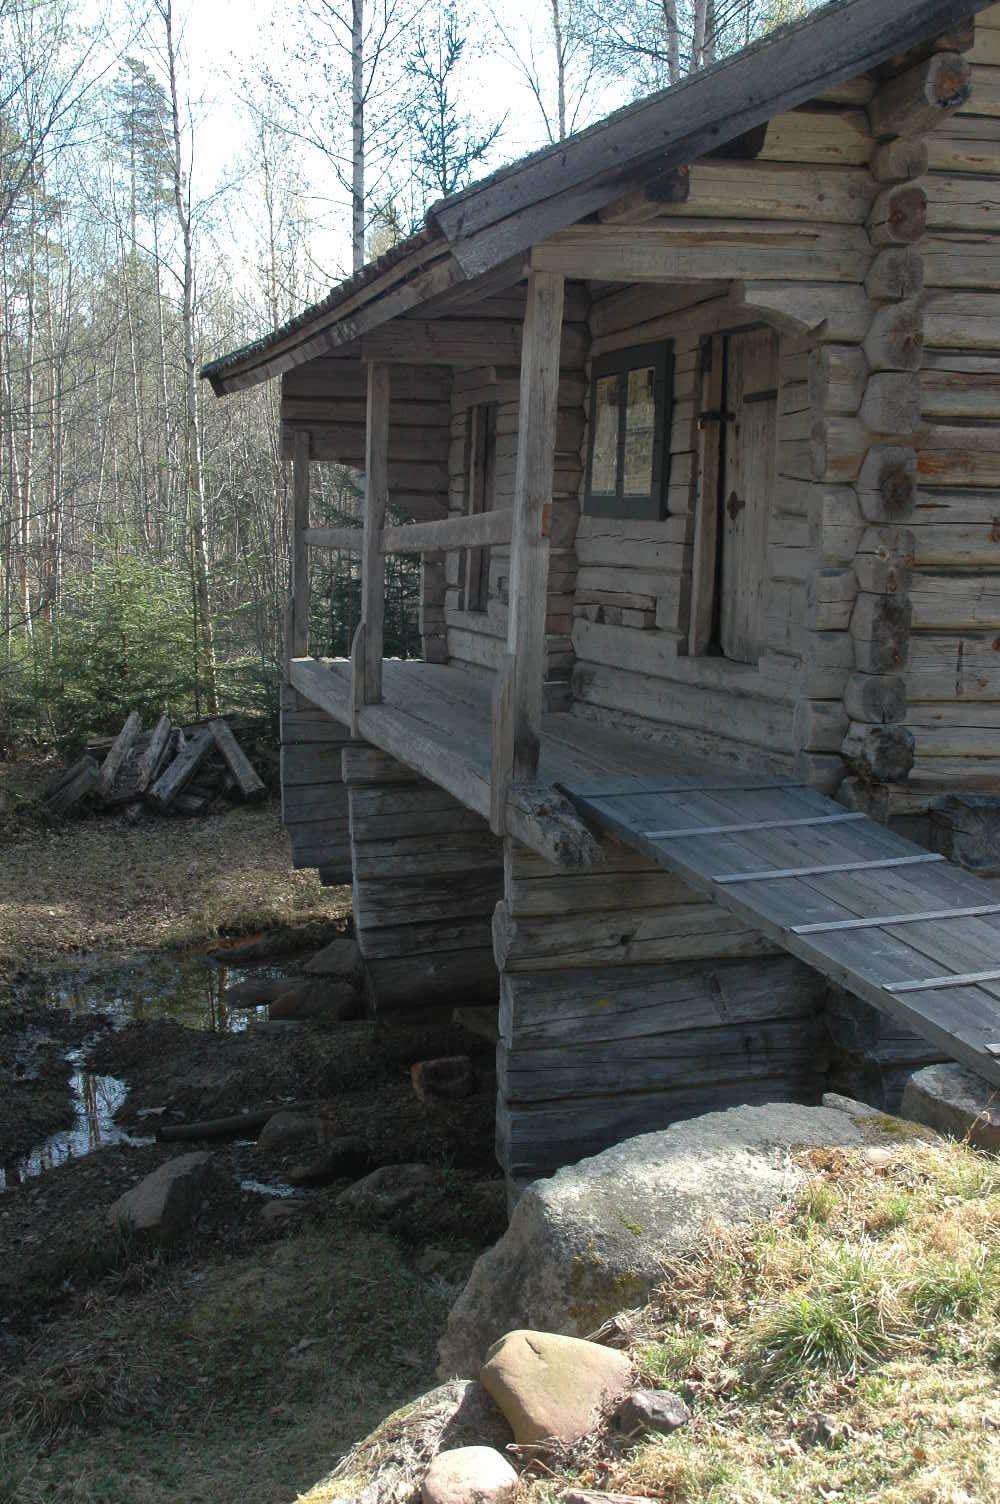 Skvaltkvarn Mångbro